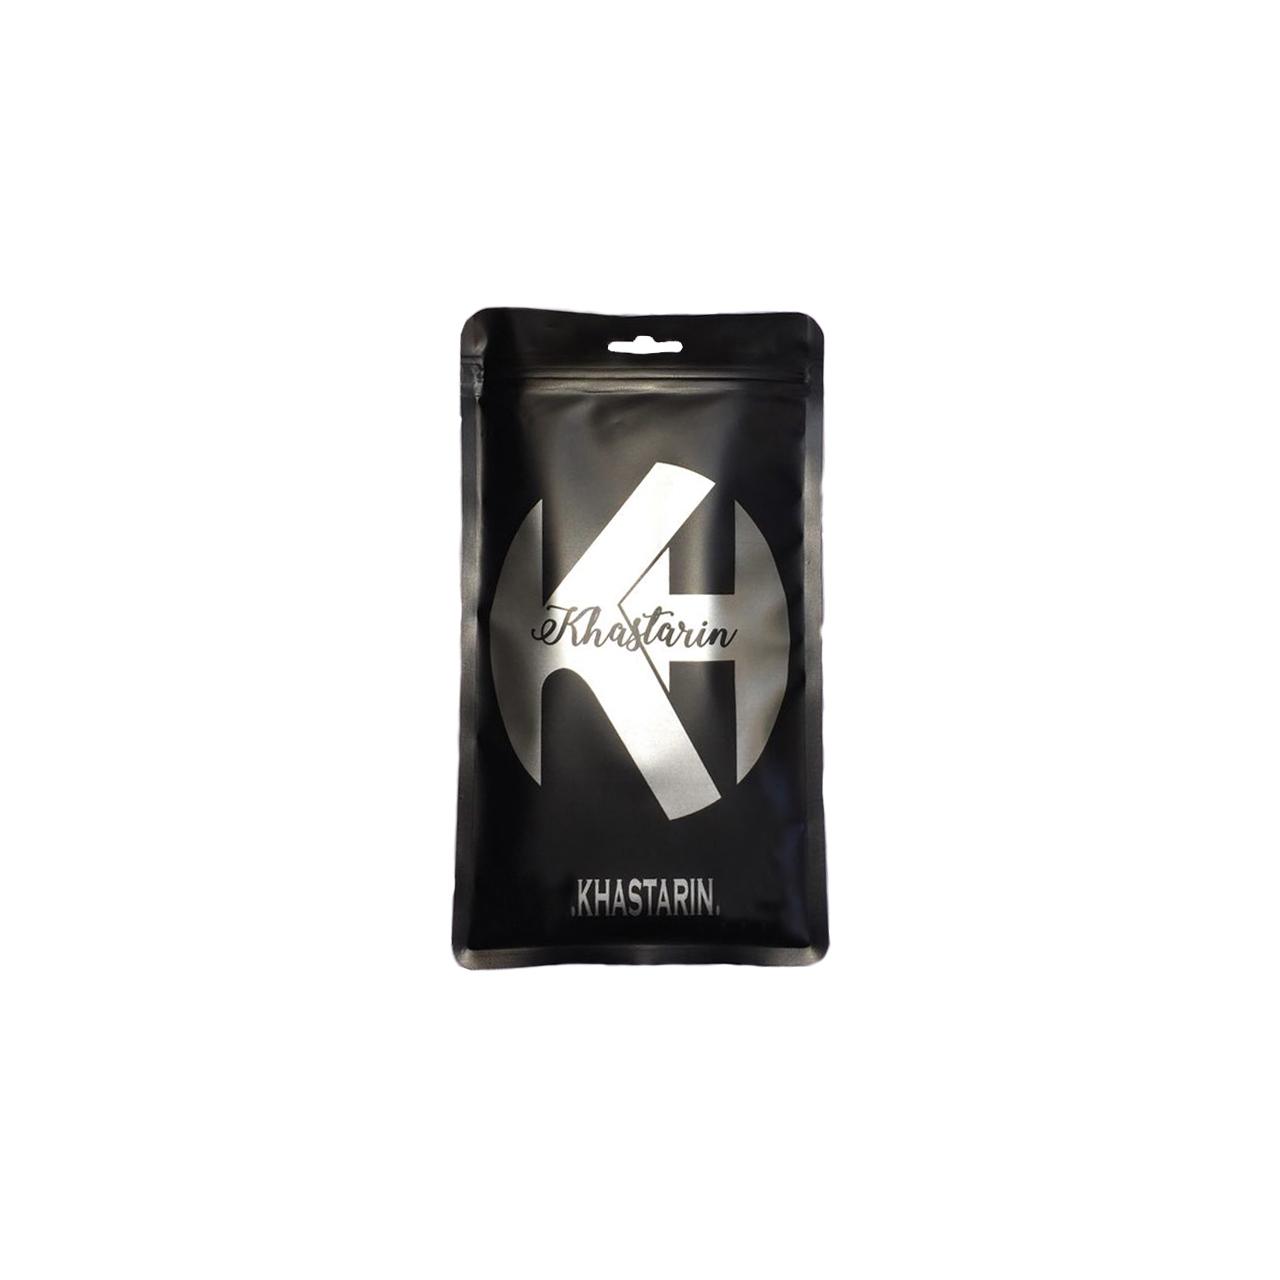 کاور کی اچ کد 226 مناسب برای گوشی موبایل اپل Iphone 8 Plus main 1 5